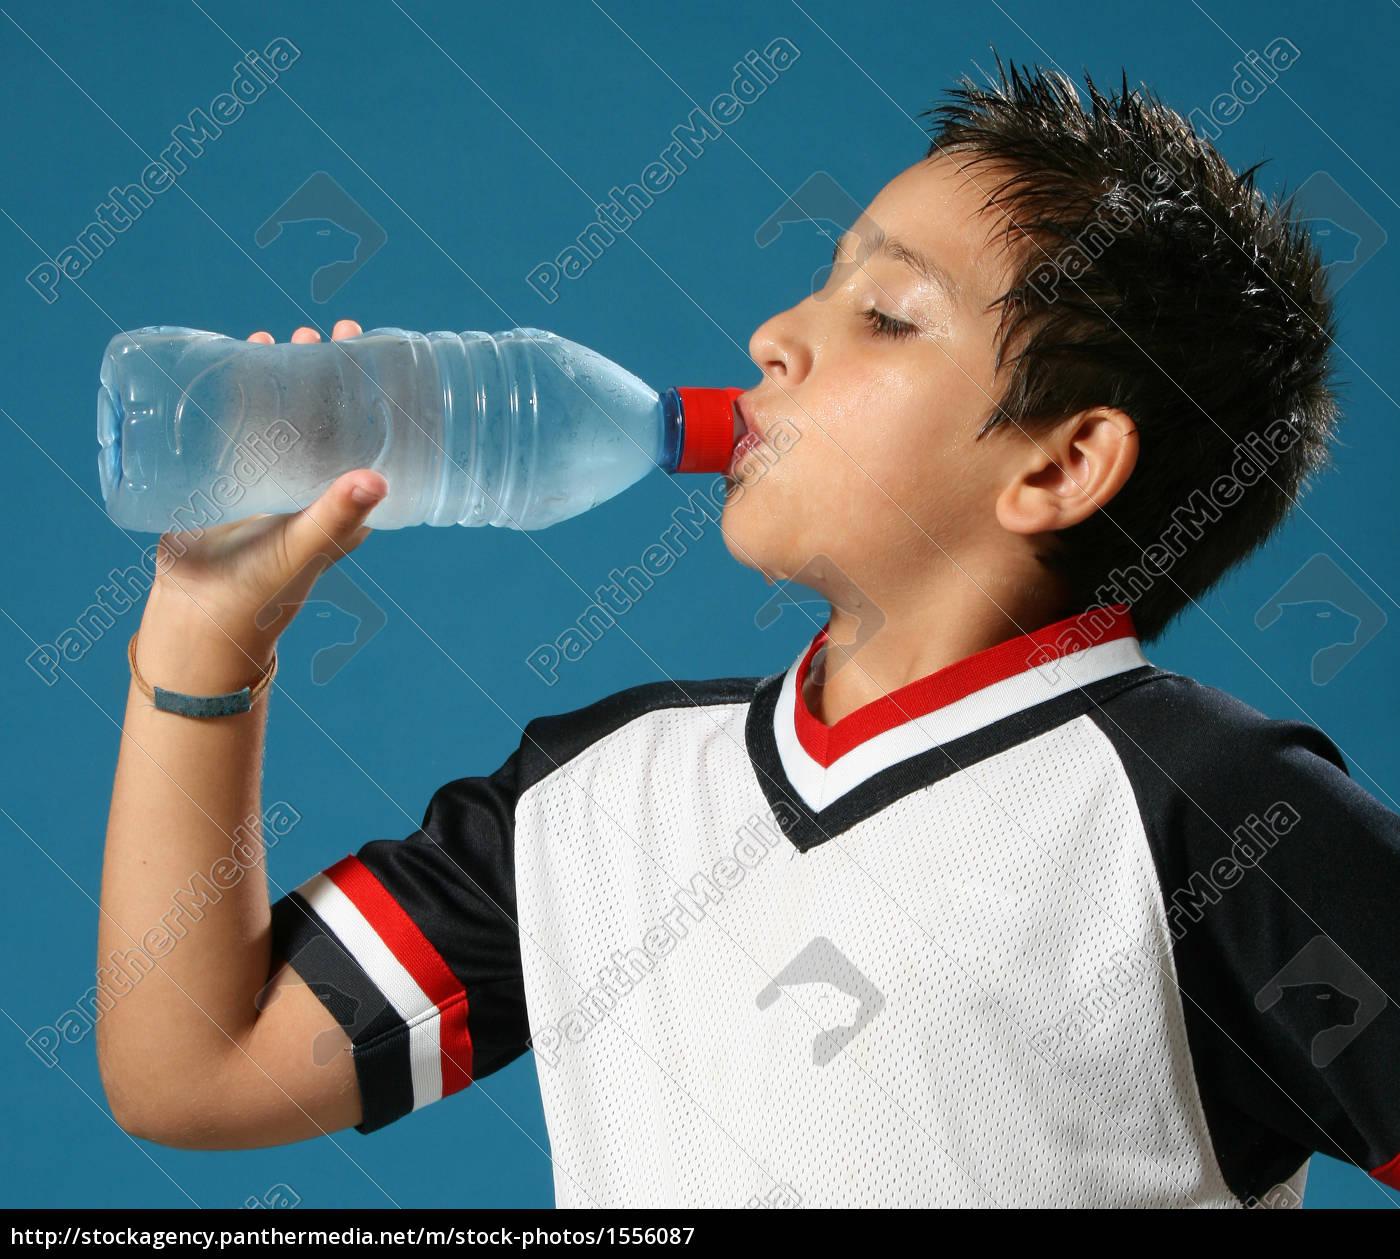 trenta, ragazzo, bere, acqua - 1556087